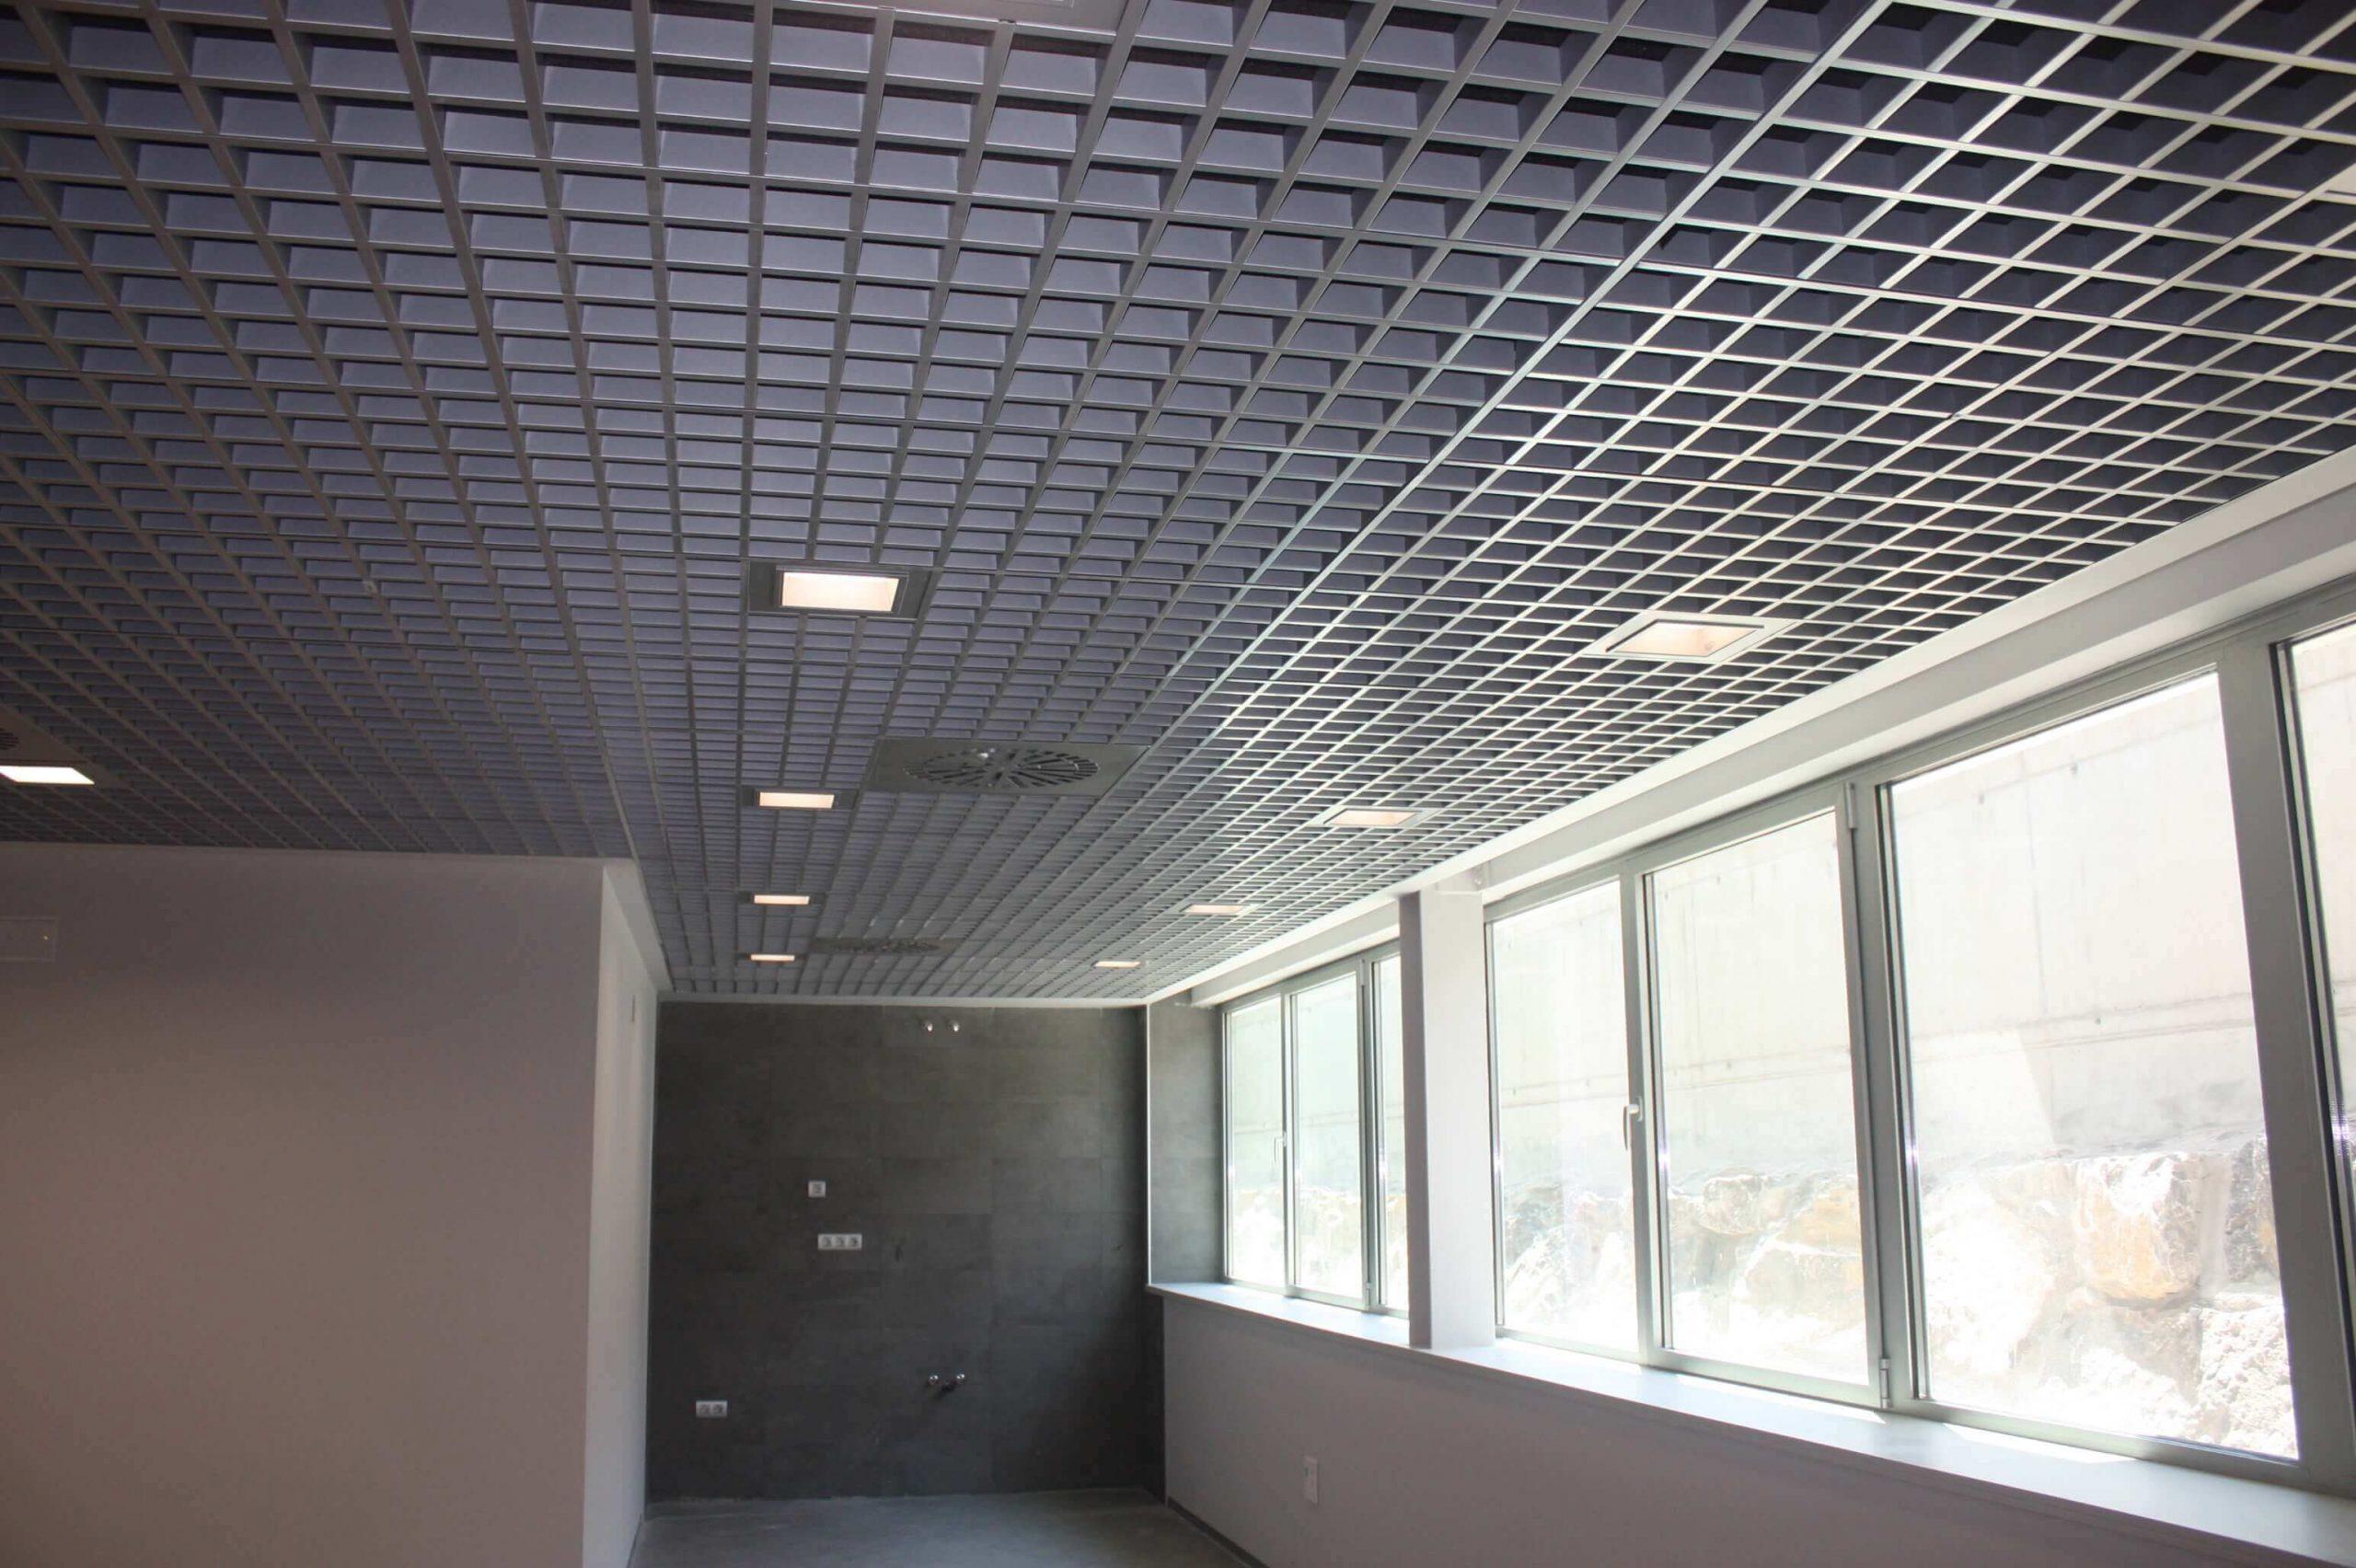 Strap System Lledó Ceiling